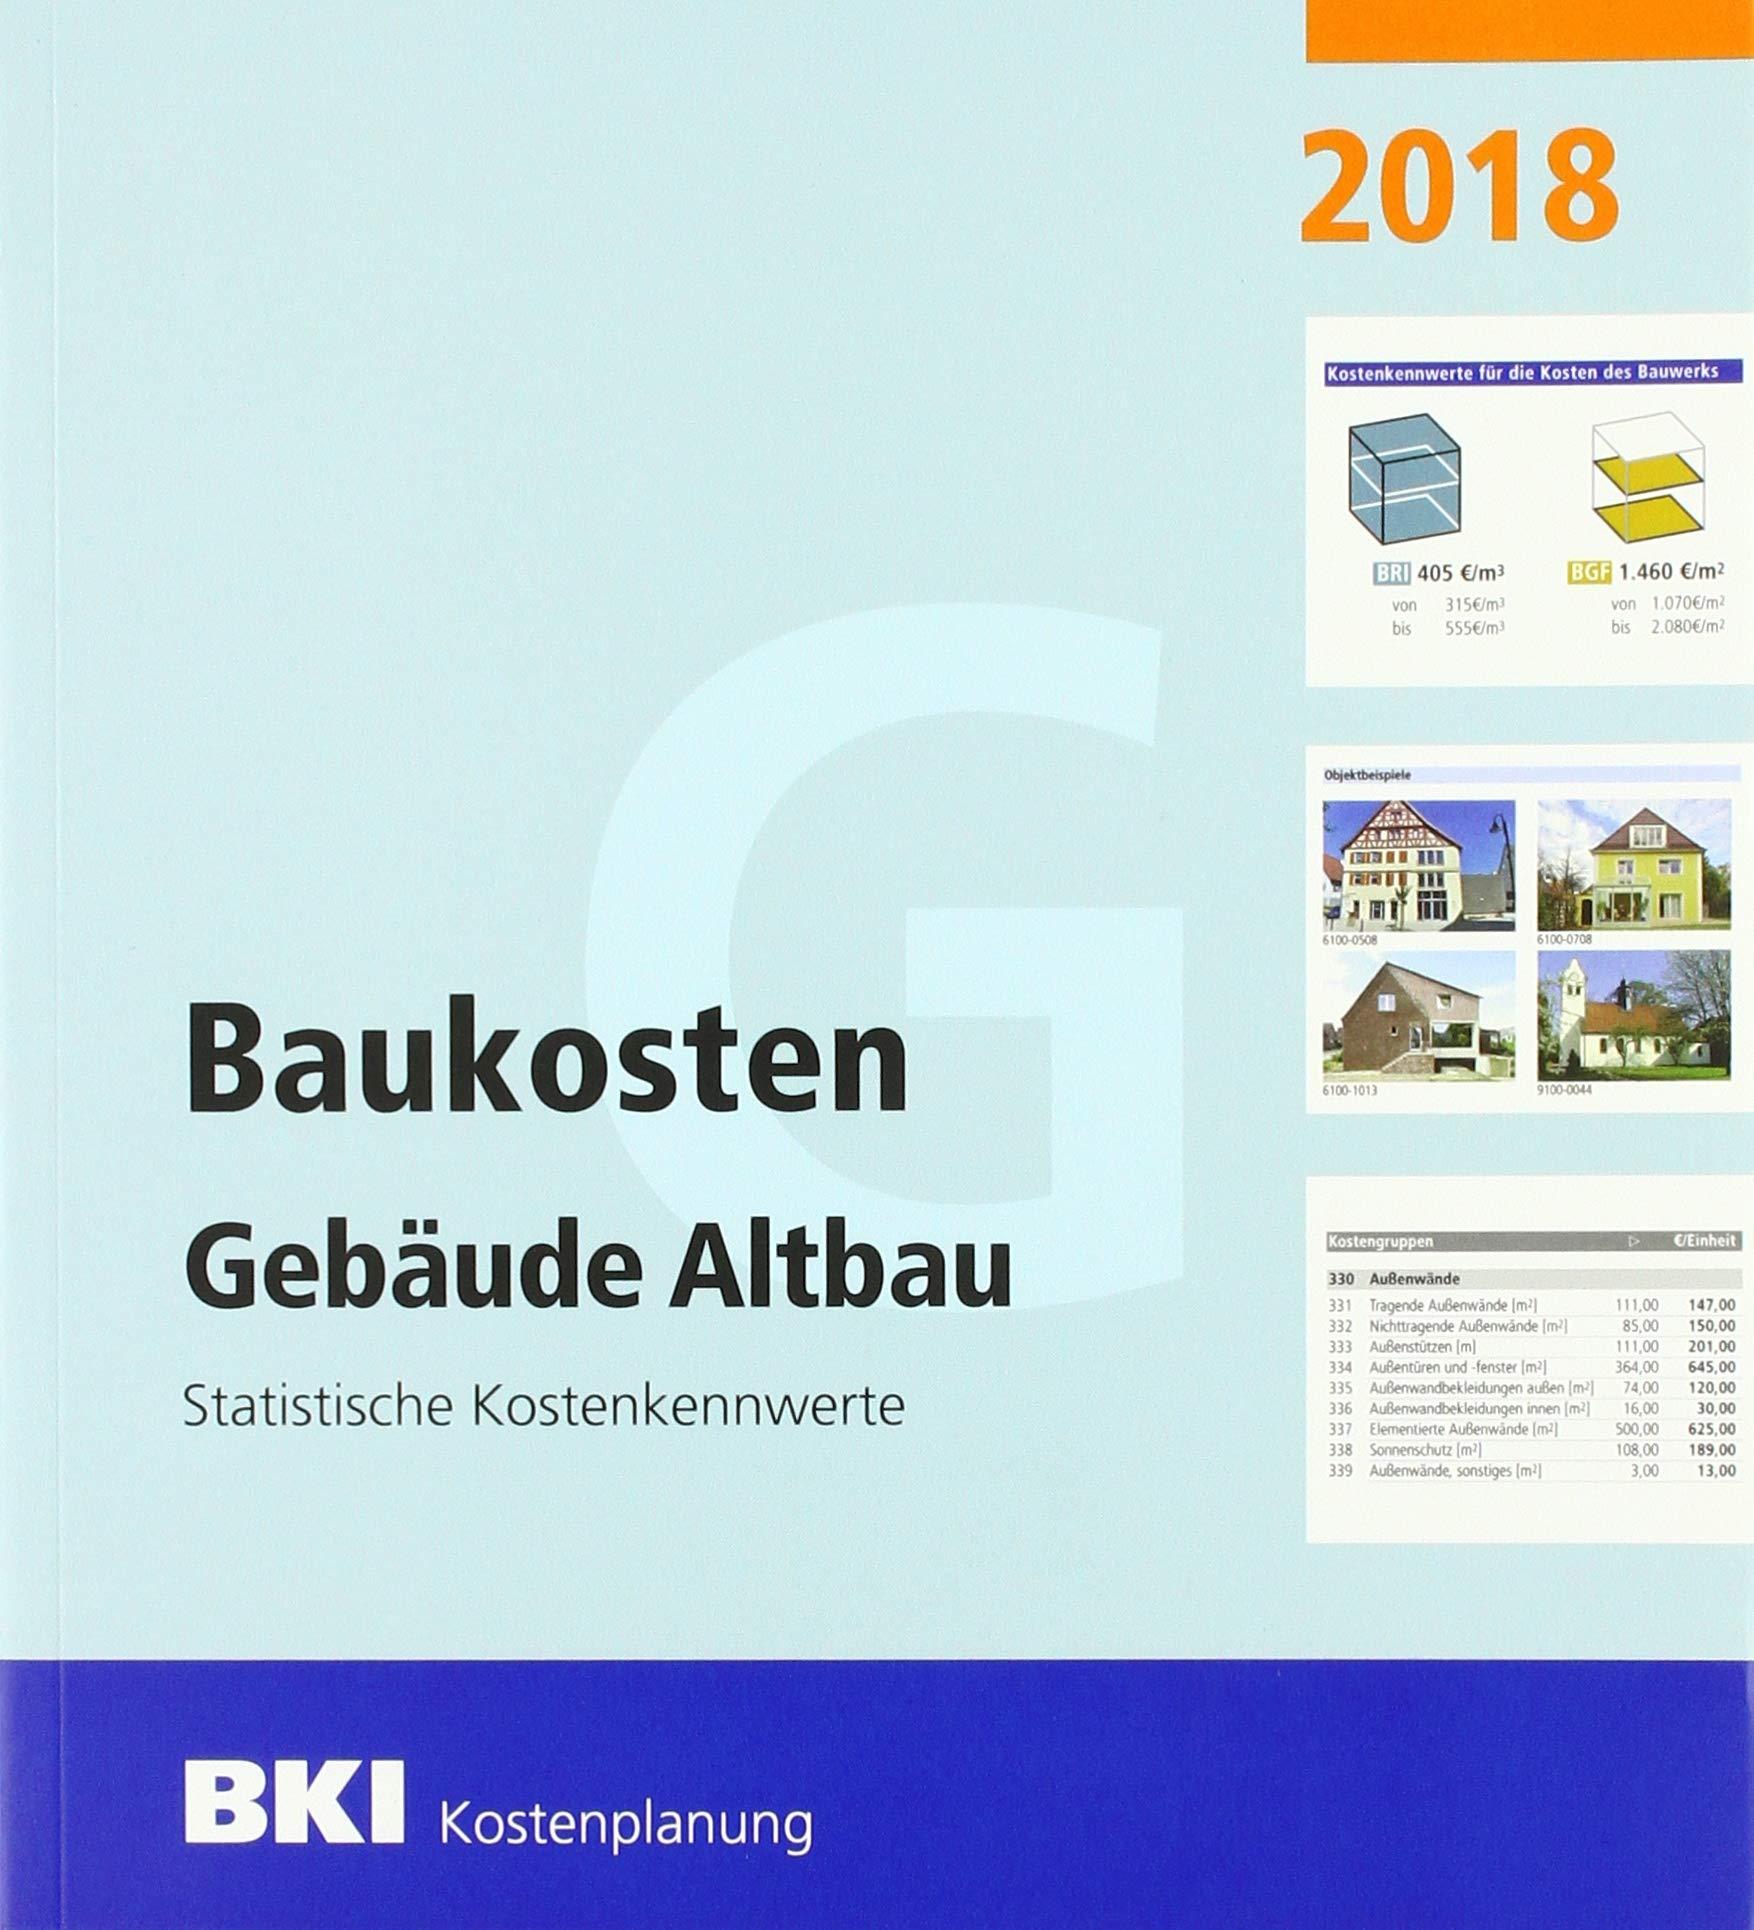 BKI Baukosten Gebäude Altbau 2018  Statistische Kostenkennwerte